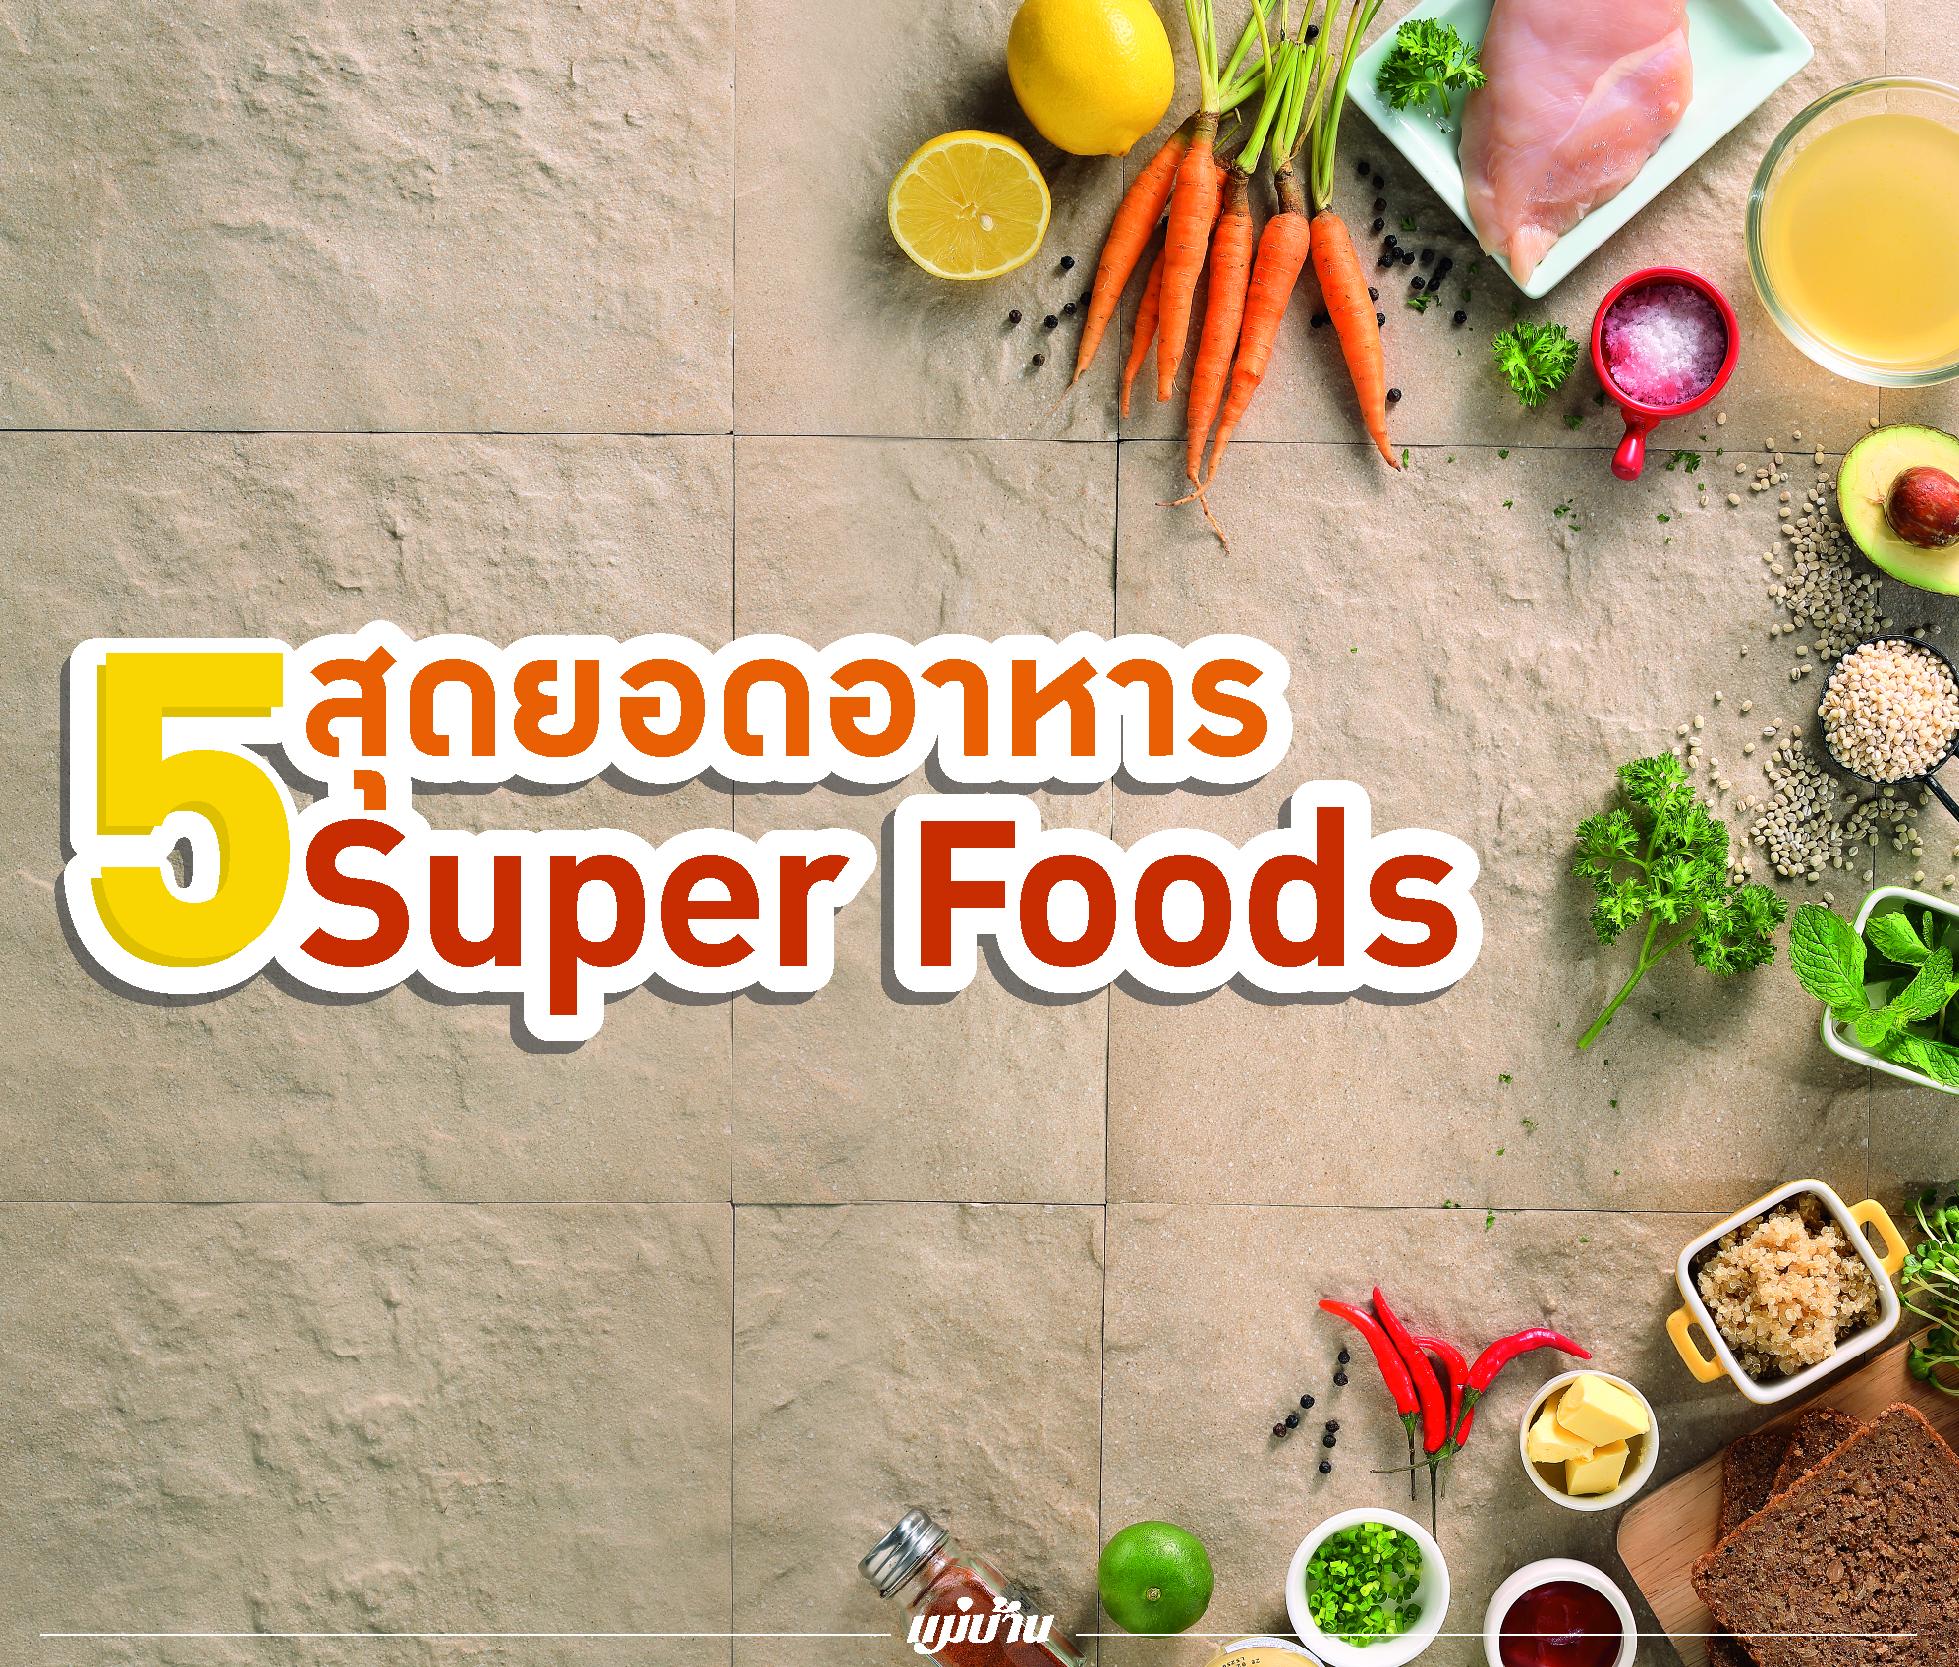 5 สุดยอดอาหาร Super Foods สำนักพิมพ์แม่บ้าน